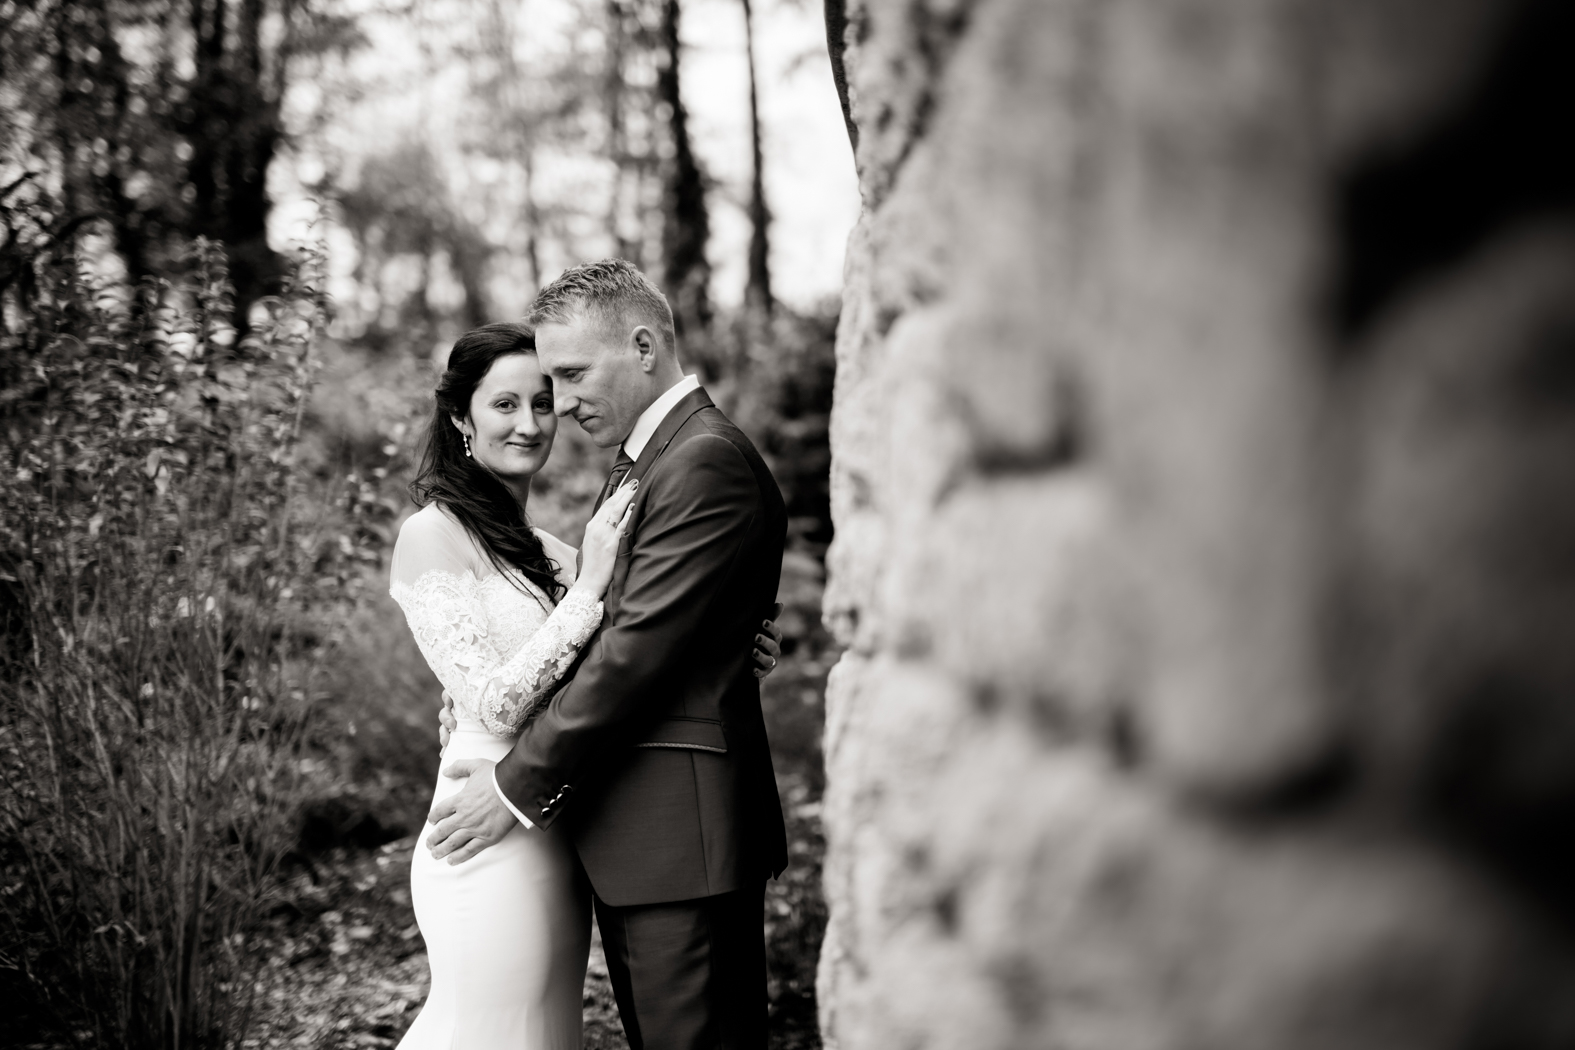 Hochzeitsfotos-Saalfeld-Voigtlaender-Zeuner (6)